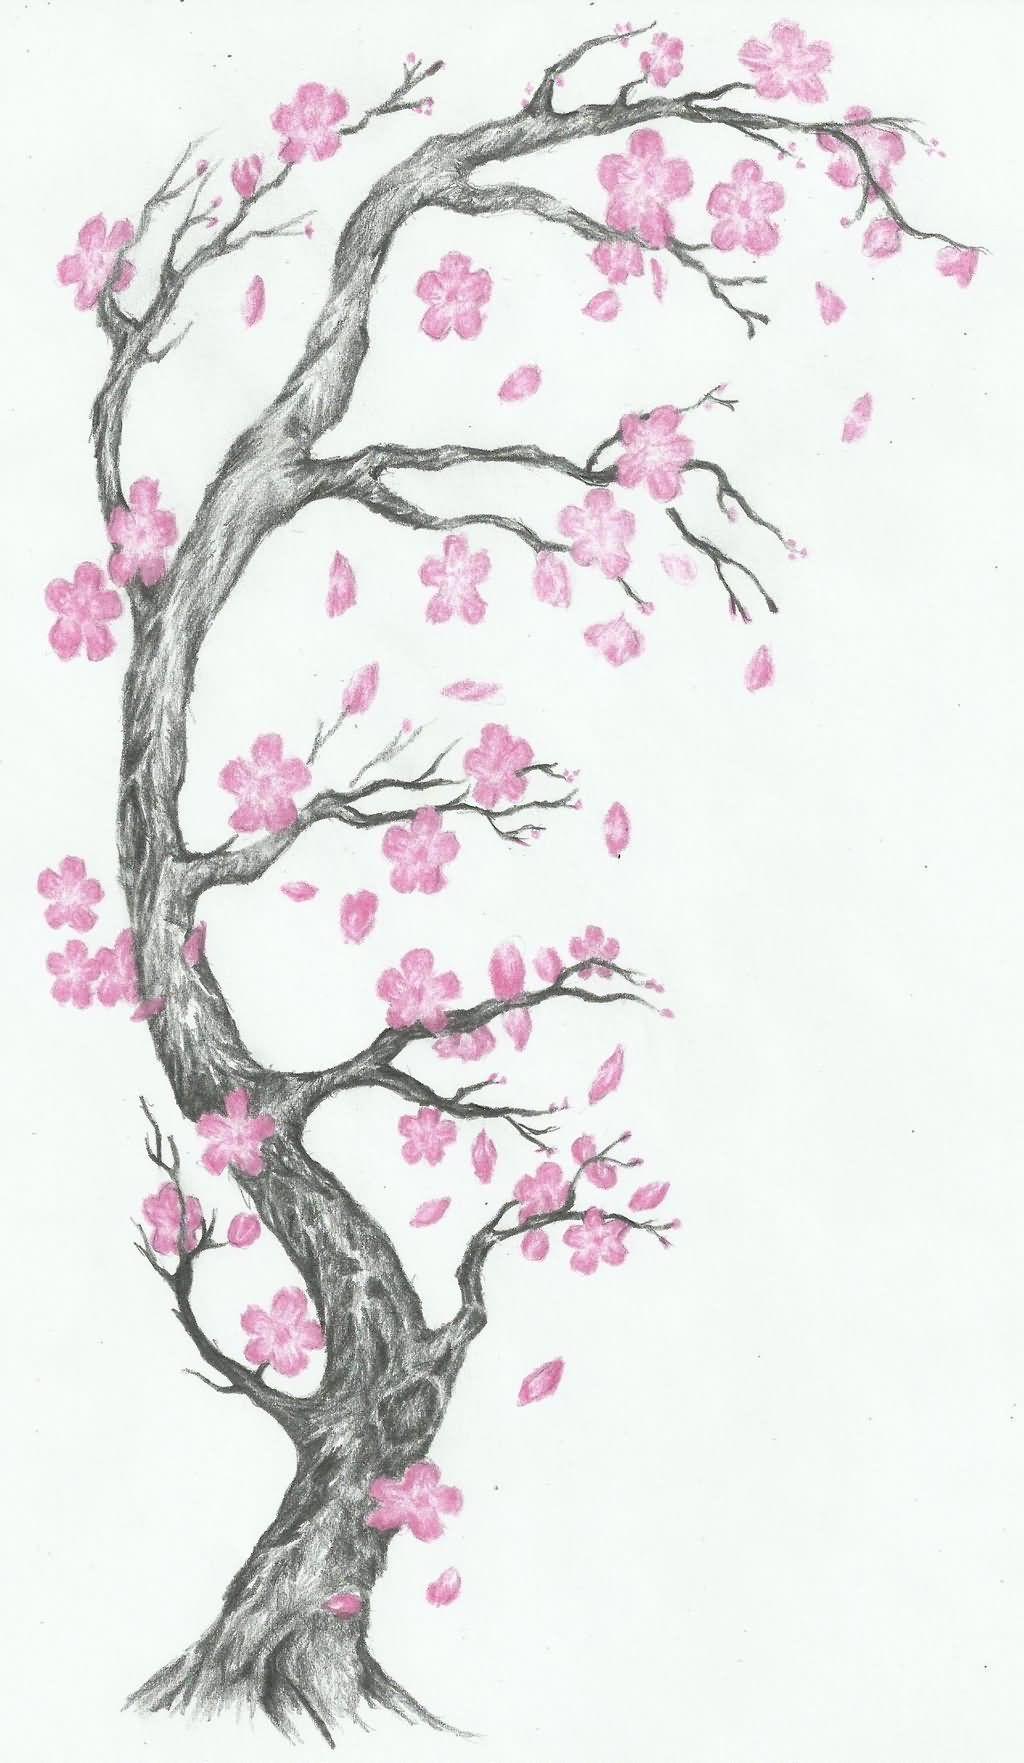 Cherry Blossom Tattoo Images Designs Blossom Tree Tattoo Cherry Blossom Tree Tattoo Tree Tattoo Arm